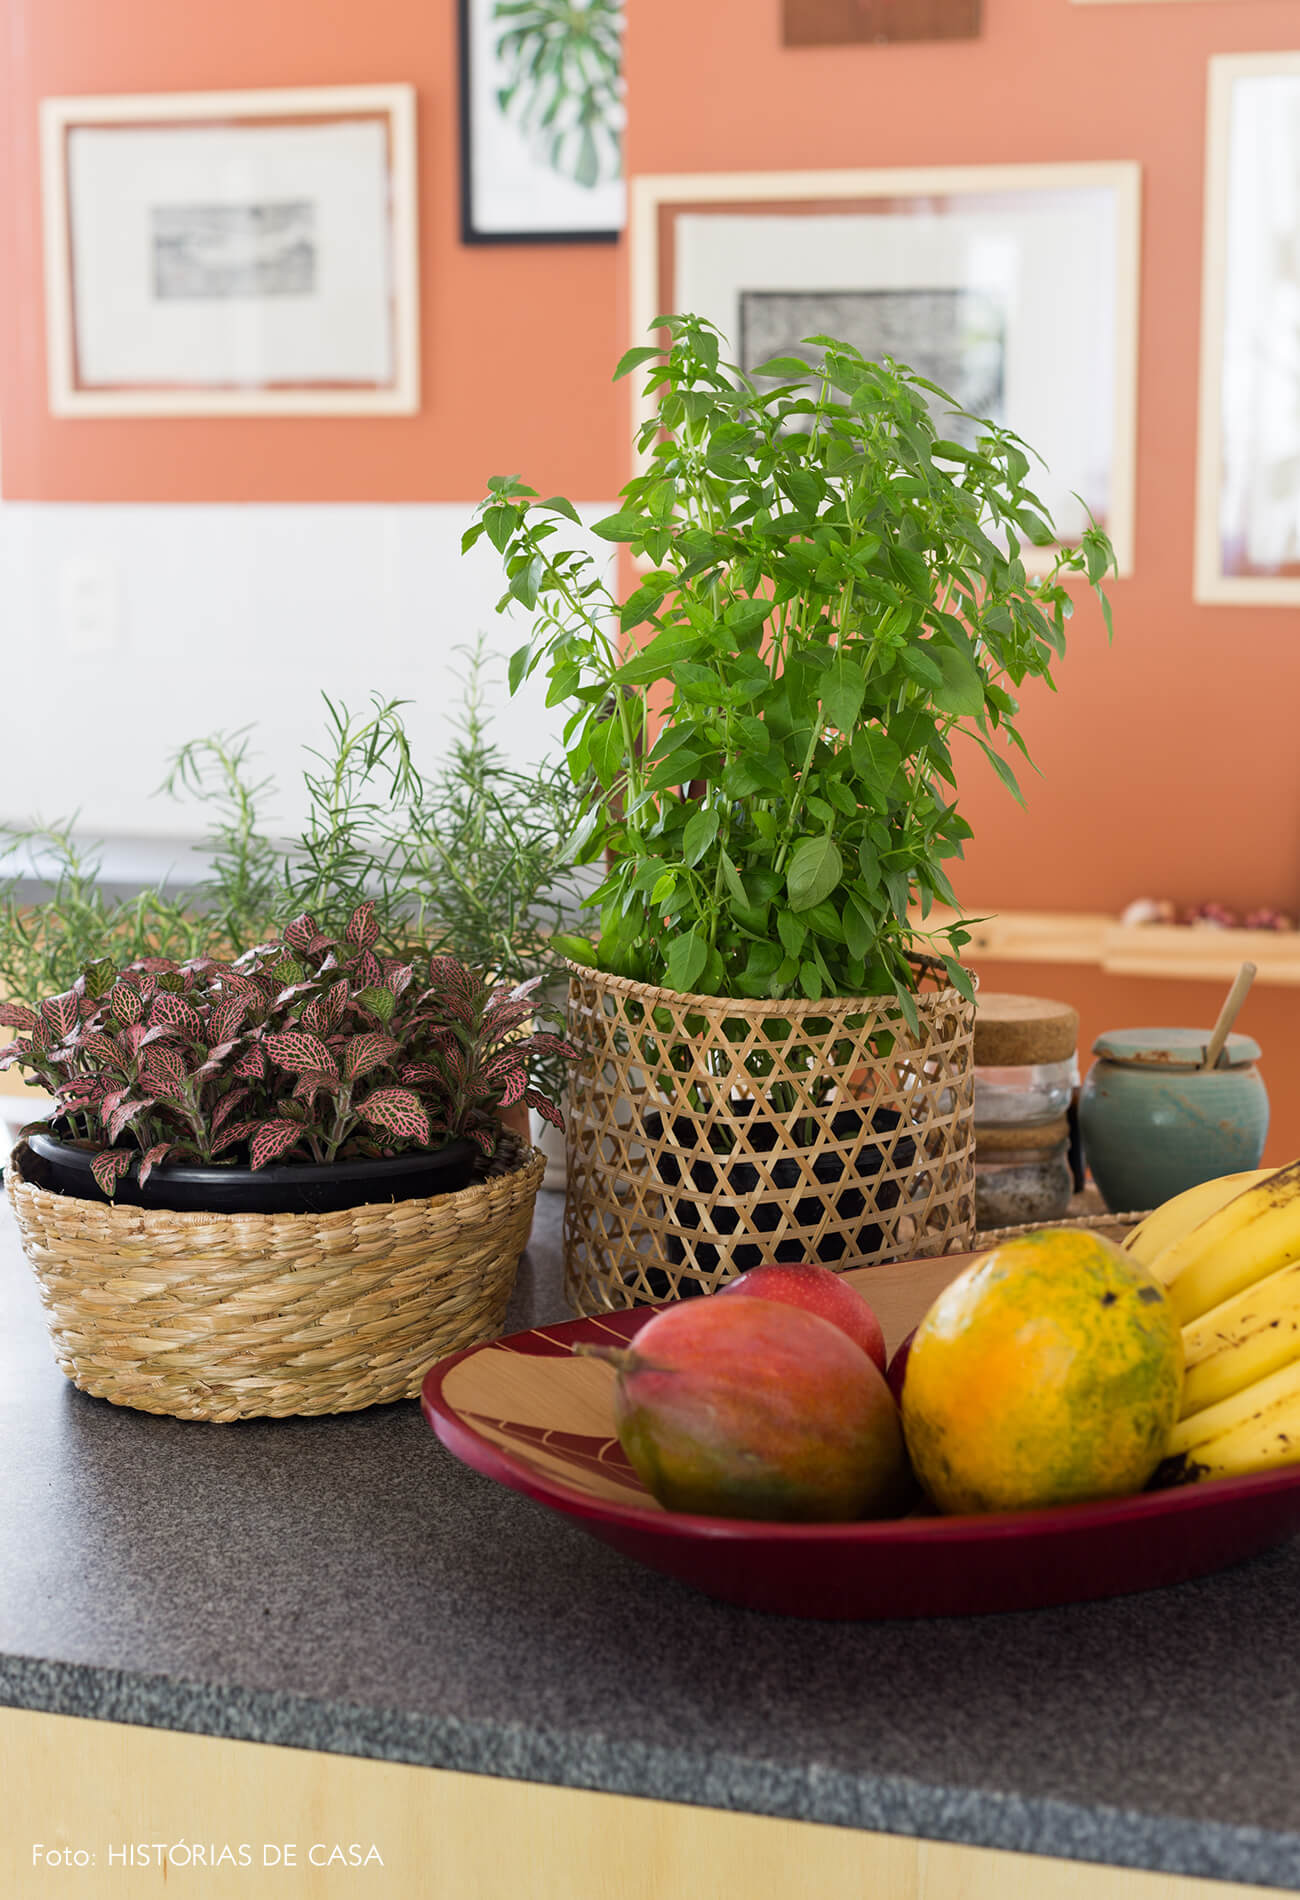 decoração cozinha com temperos e plantas em cestos